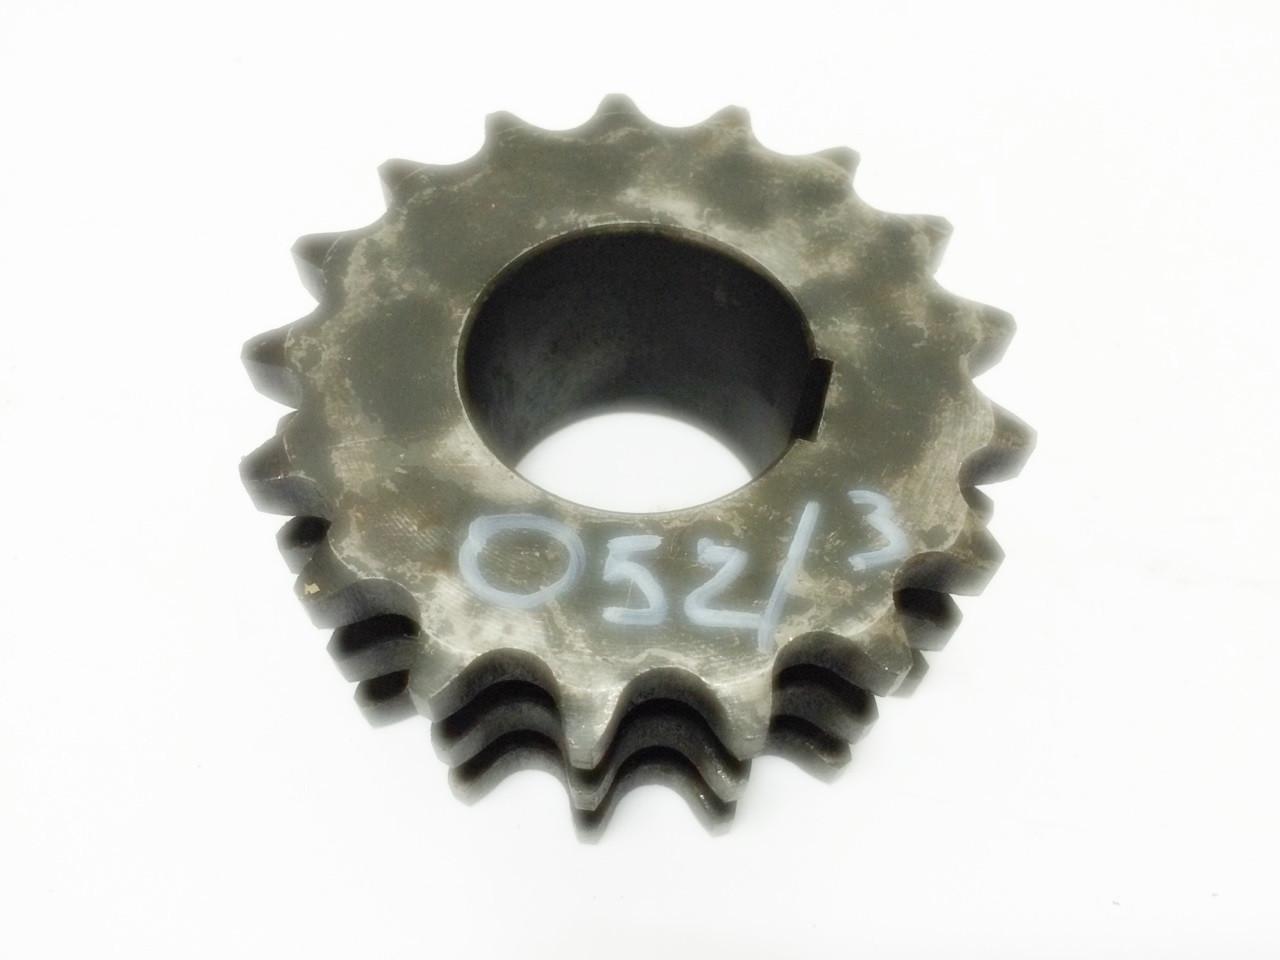 Зірка 3-рядна під шпонку приводу ходового варіатора 4032801030, 052/3, е281, марал125, Fortschritt